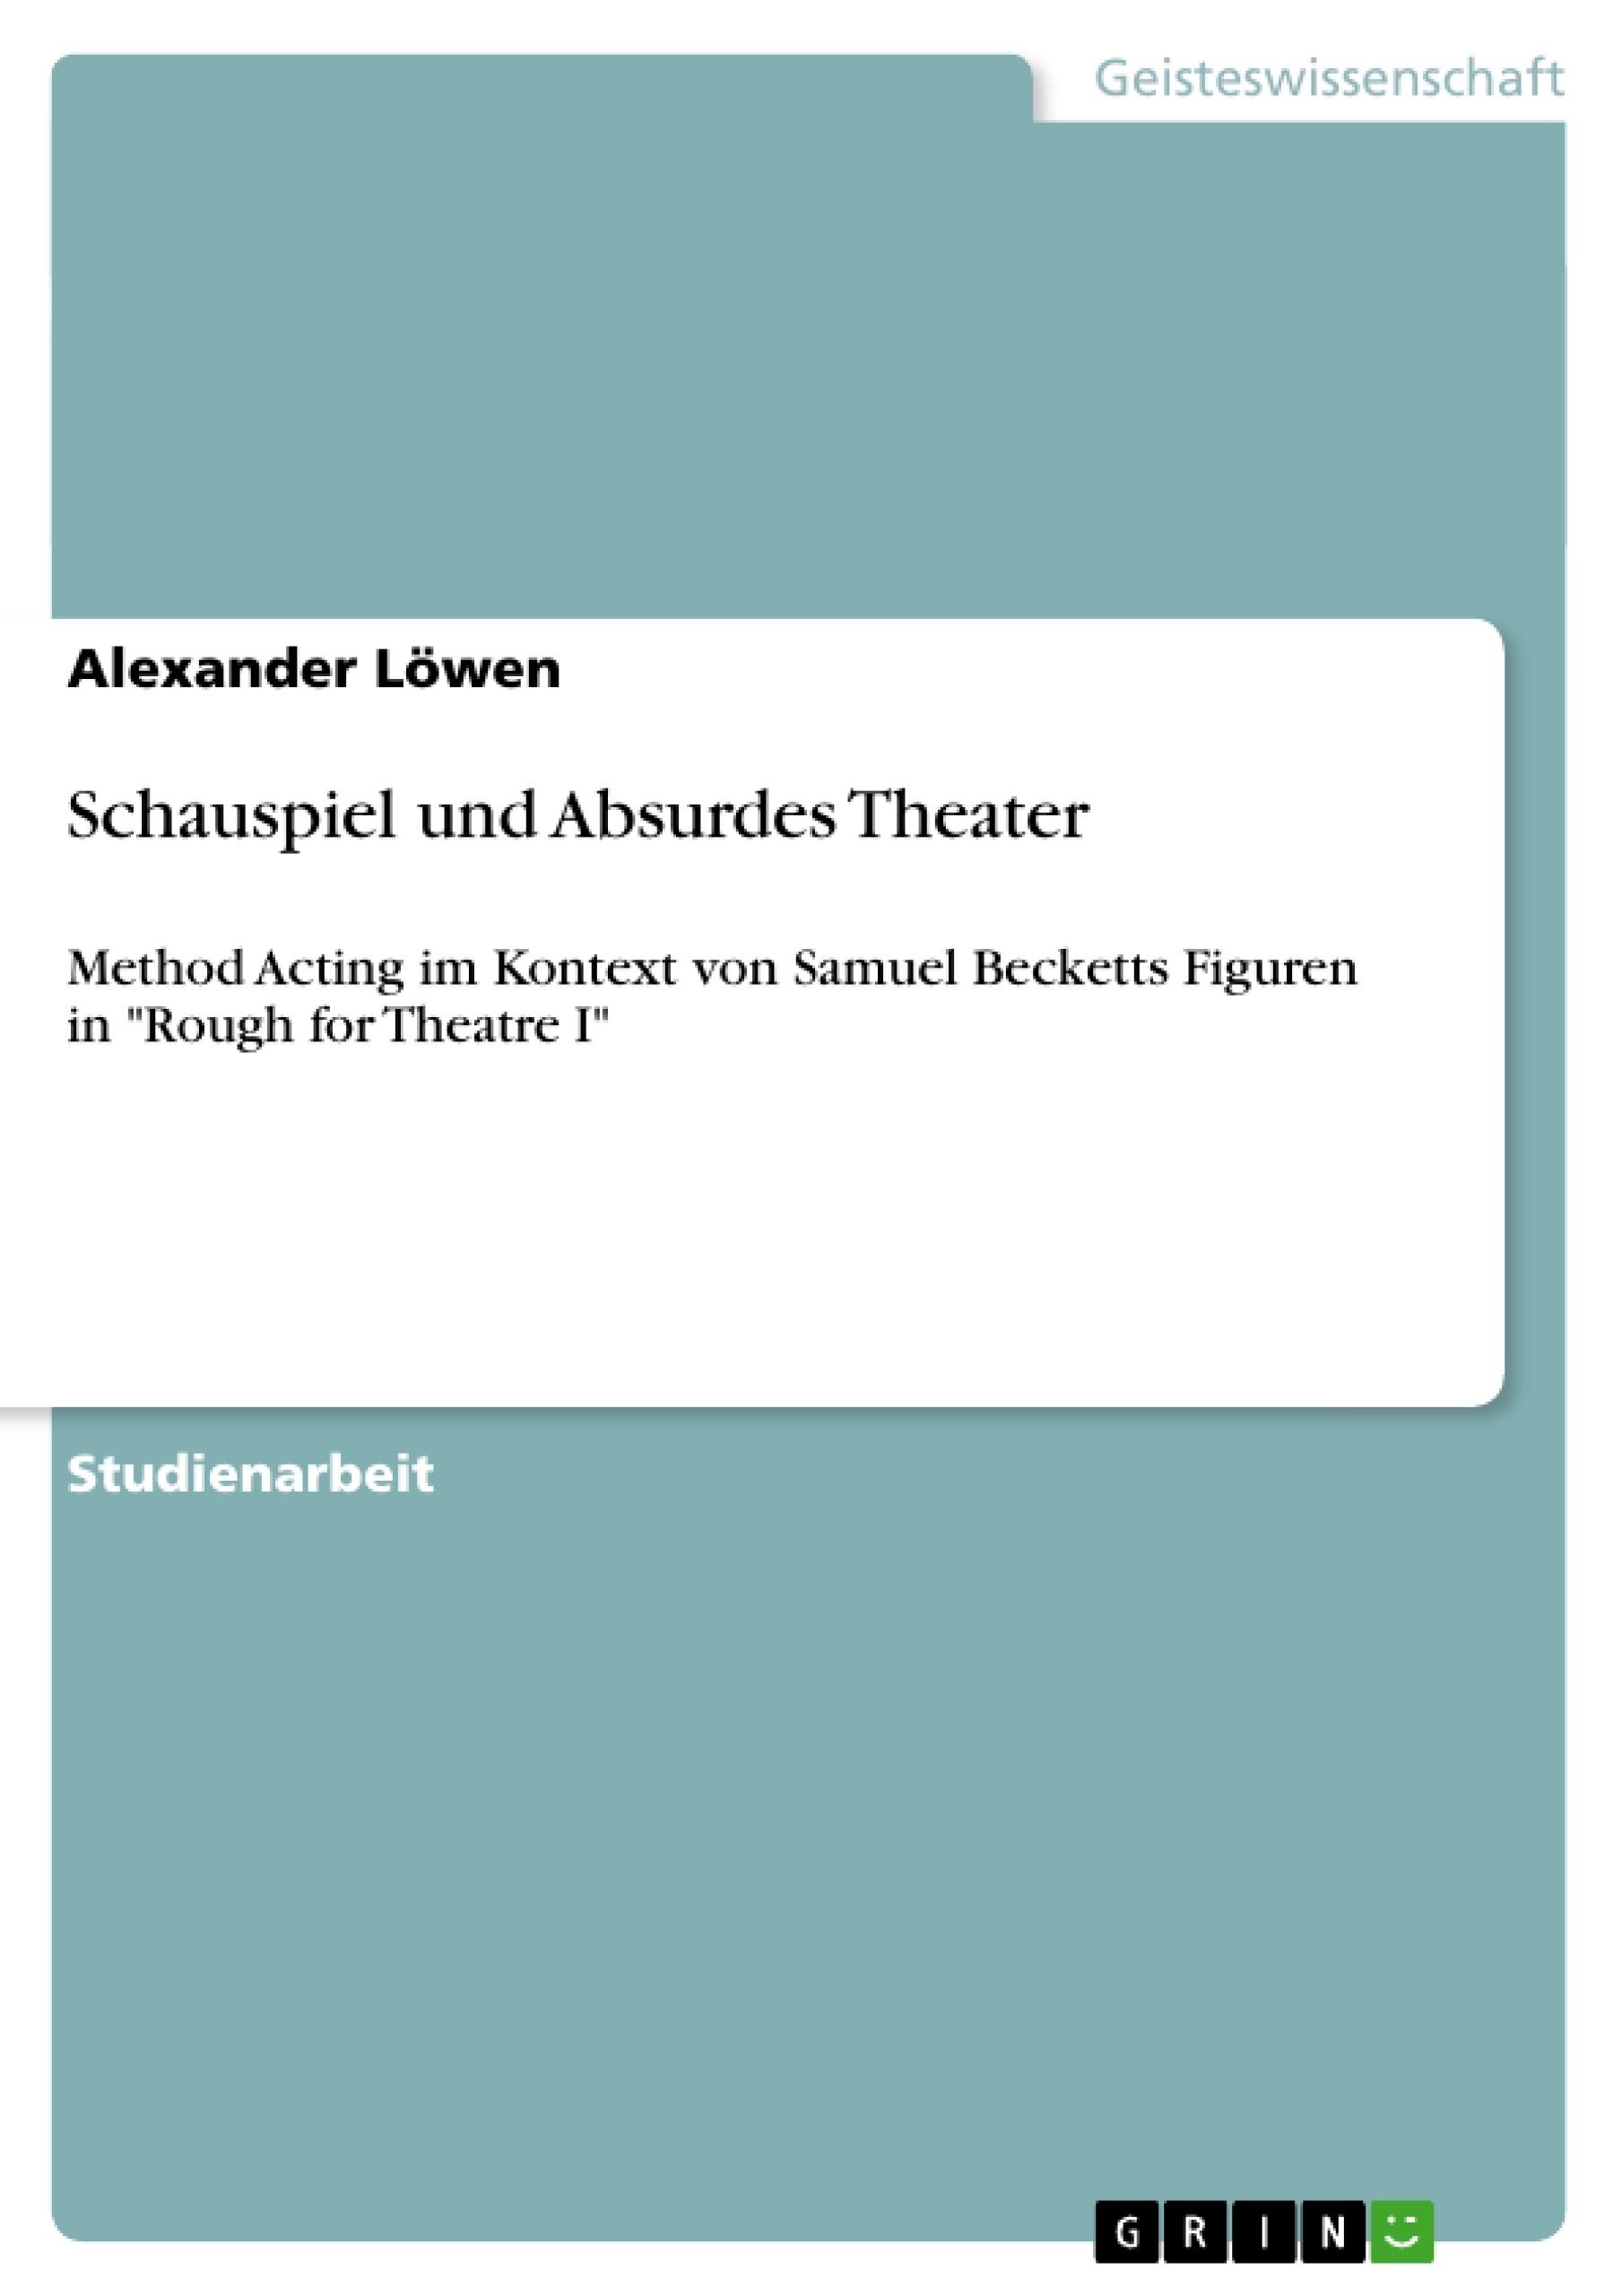 Titel: Schauspiel und Absurdes Theater